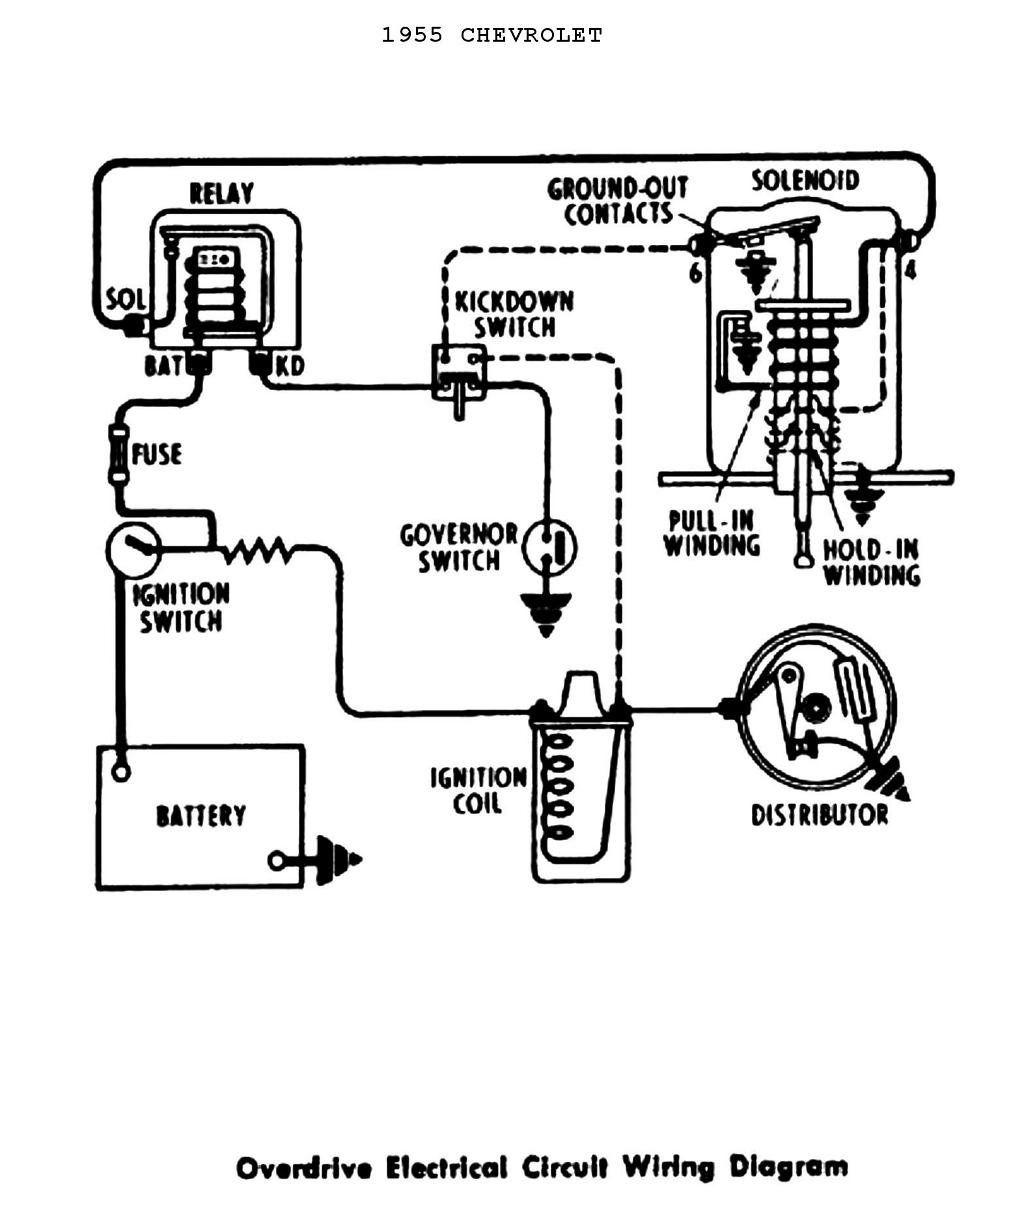 Awe Inspiring Rpc Distributor Wiring Diagram Wiring Diagram Data Wiring Cloud Rineaidewilluminateatxorg